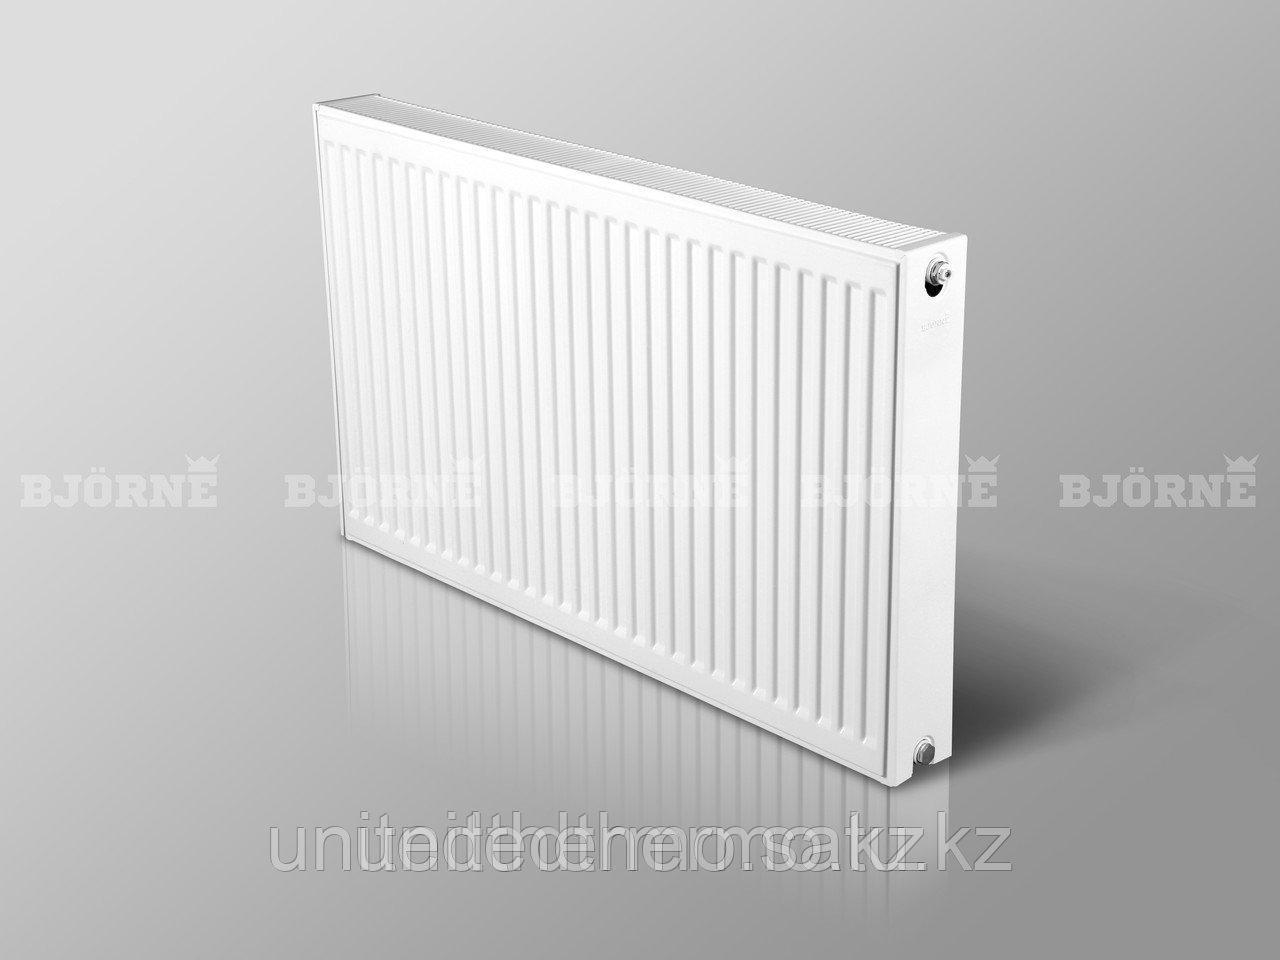 Стальной панельный радиатор Bjorne тип 22K H300мм*L600мм боковое подключение